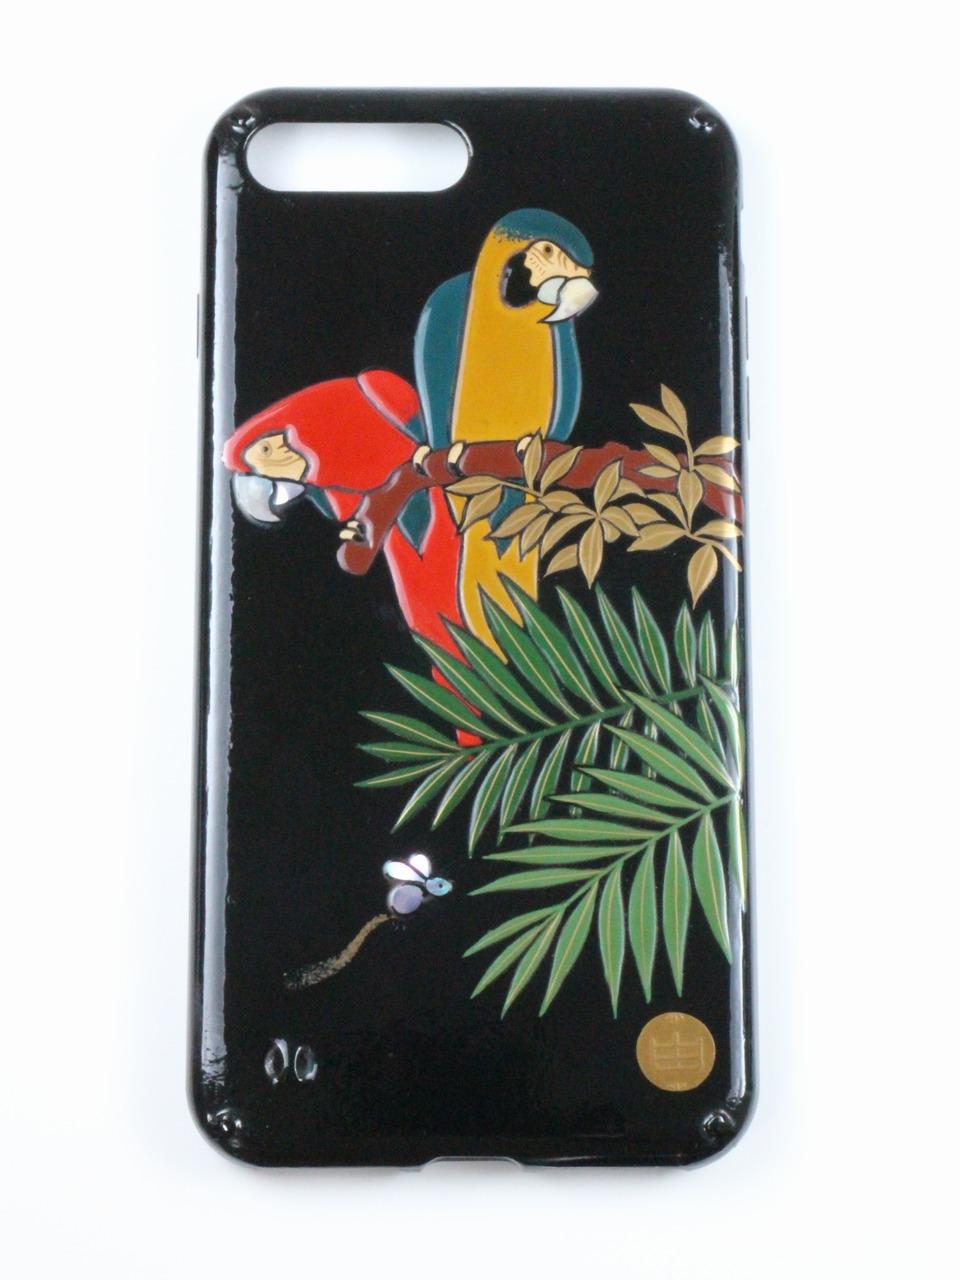 """Photo1: AGJ Original Maki-e iPhone Case Cover """"Parrot"""" for iPhone 7 Plus / 8 Plus (1)"""